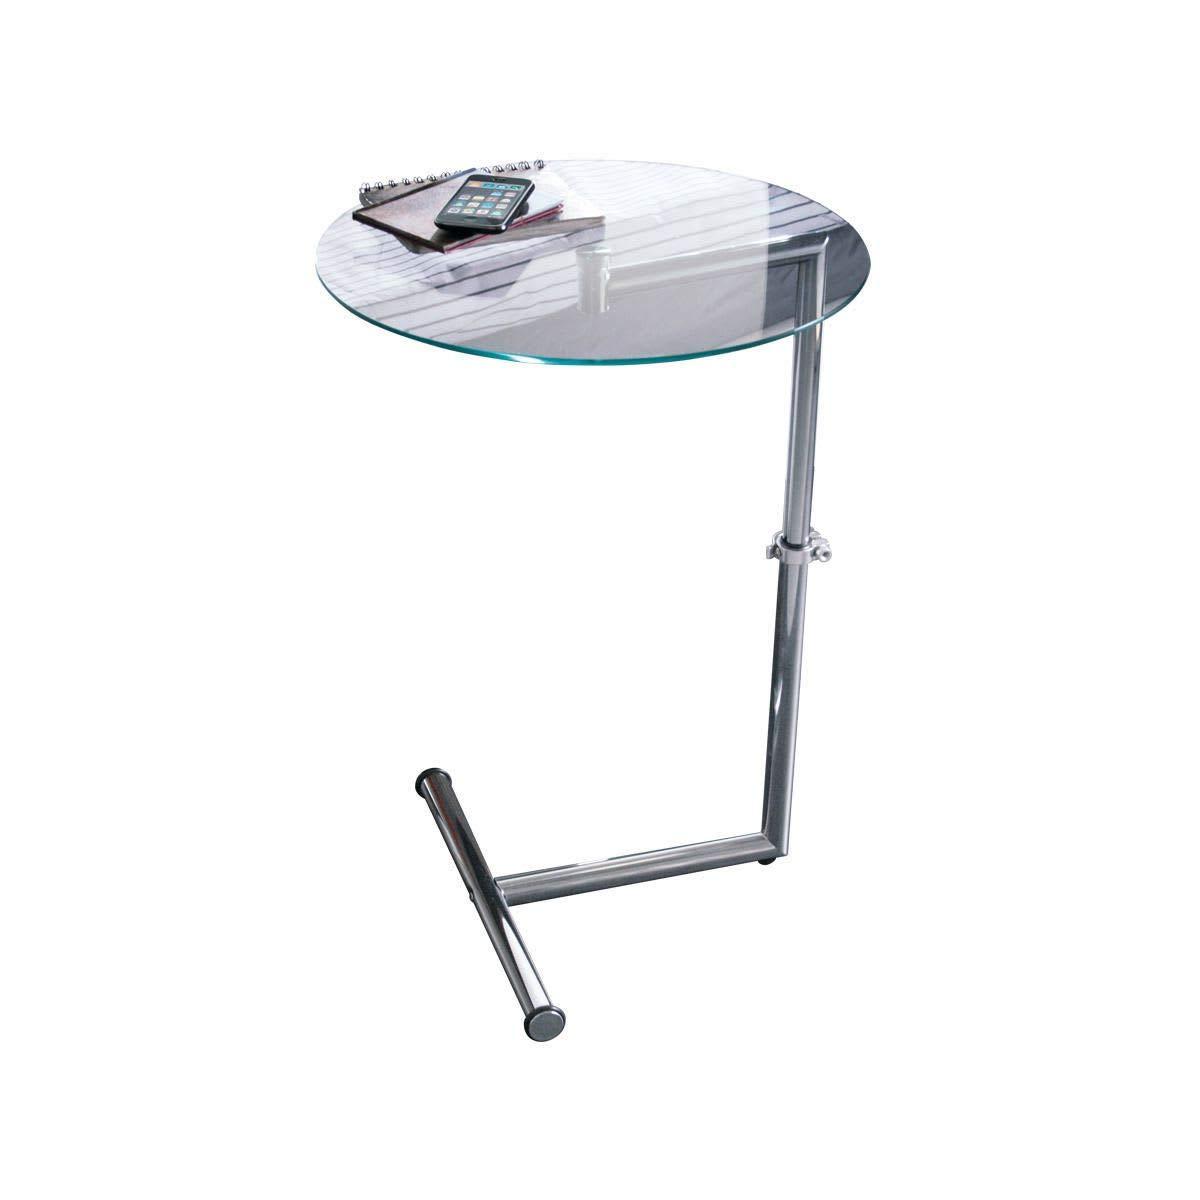 PureDay Tavolino ad altezza regolabile in metallo con superficie di vetro indurito rotondo 46 cm Ø color argento